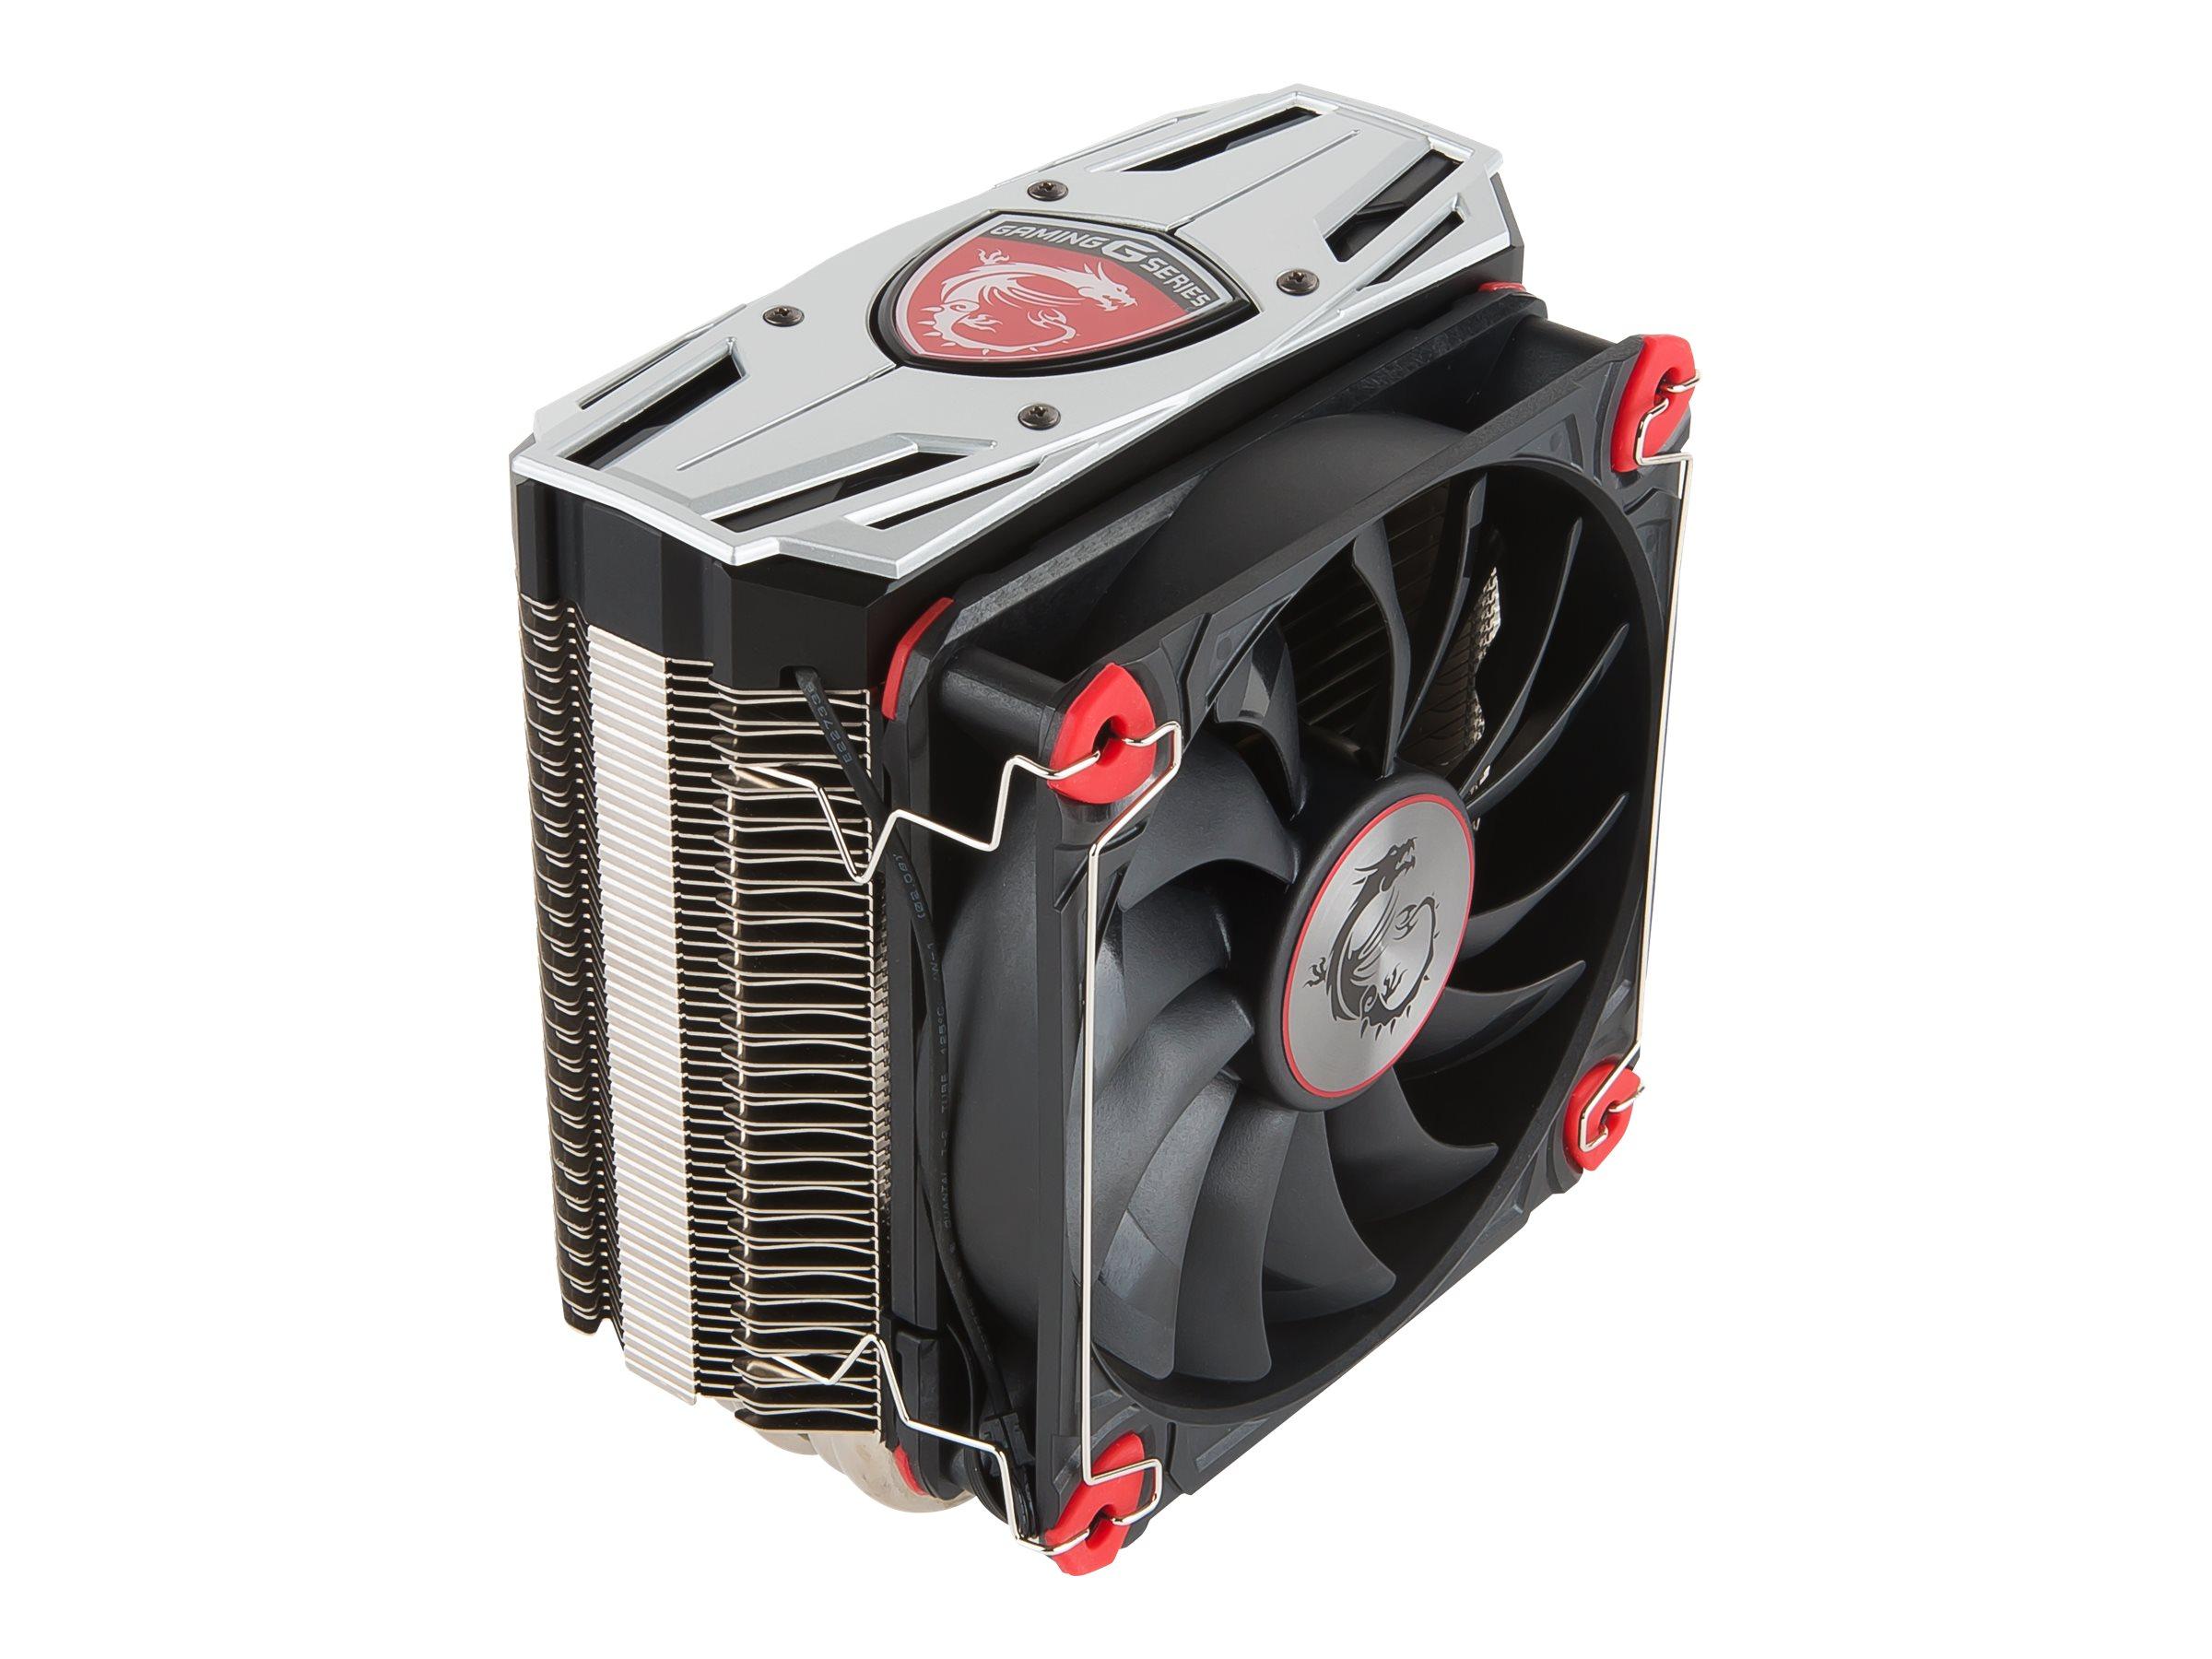 MSI Core Frozr L processor cooler